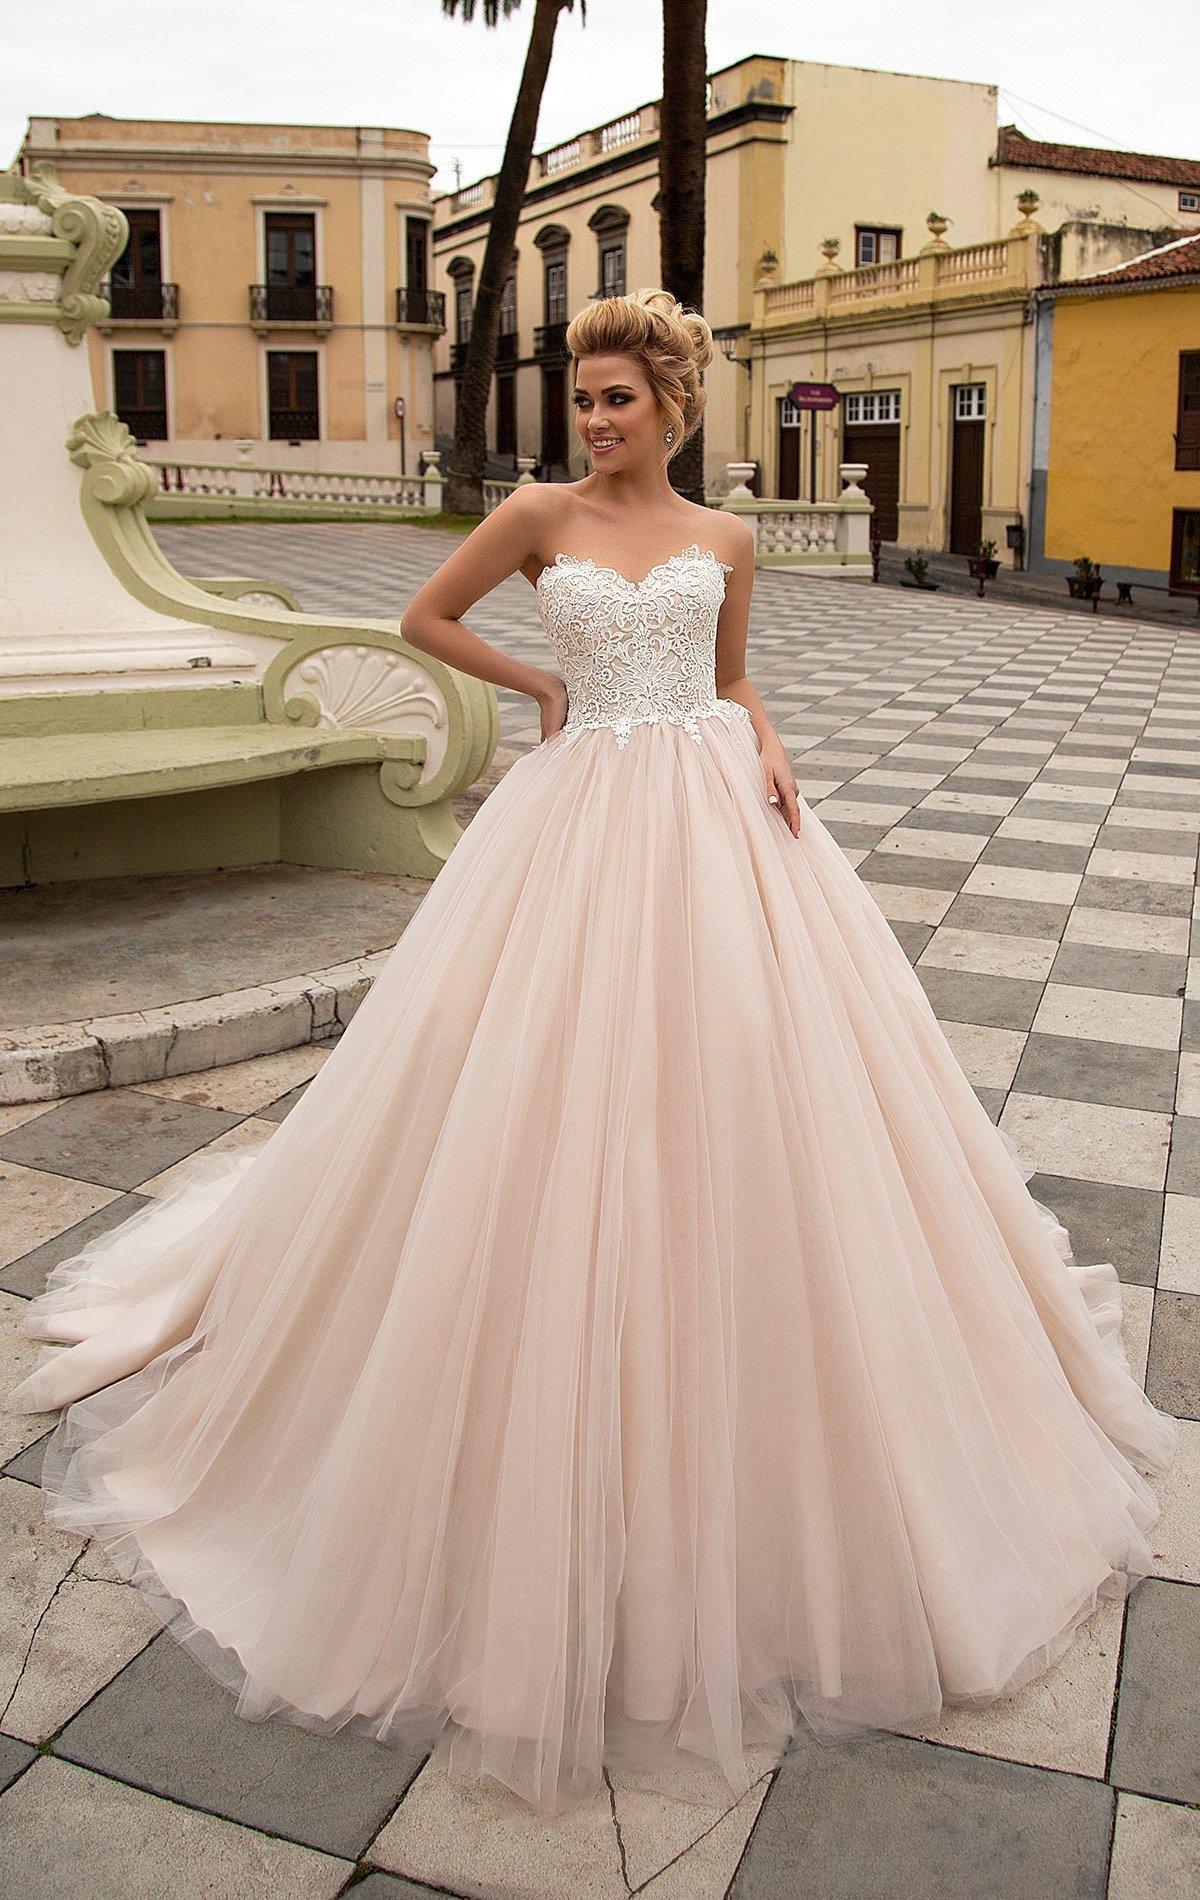 5ab650c653759c8 Пудровое свадебное платье с роскошной многослойной юбкой и открытым  корсетом с кружевом.